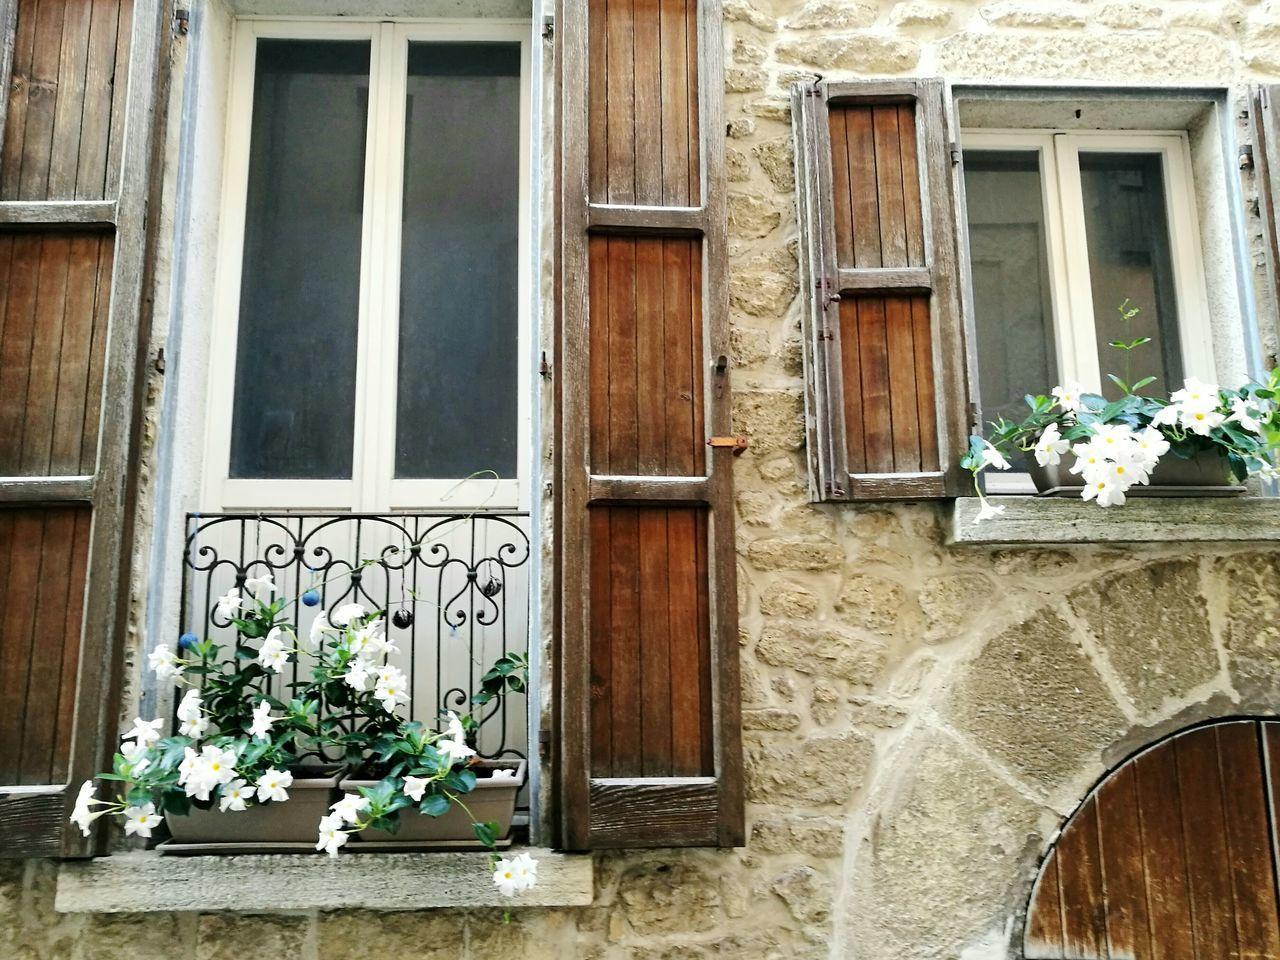 FLOWER POTS ON BUILDING WINDOW